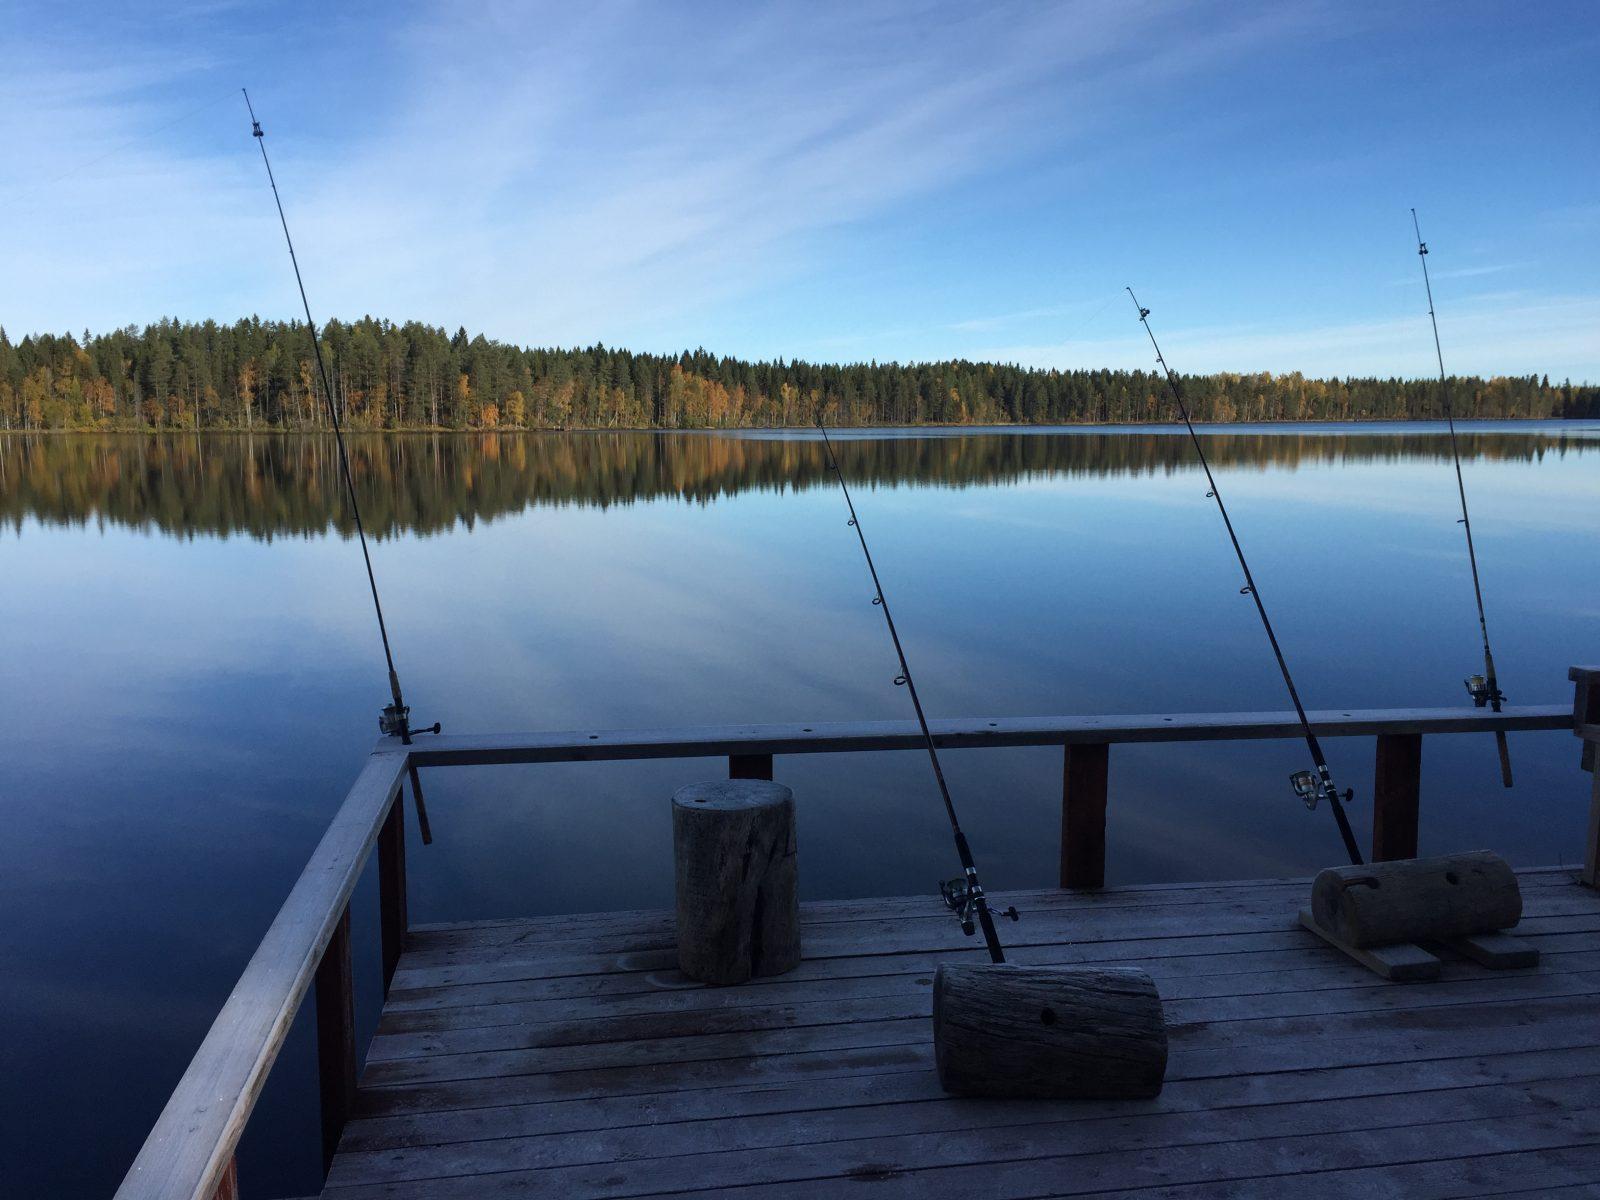 Ruuhijärven laiturilla virveleitä pystyssä, taustalla tyyni järvi.